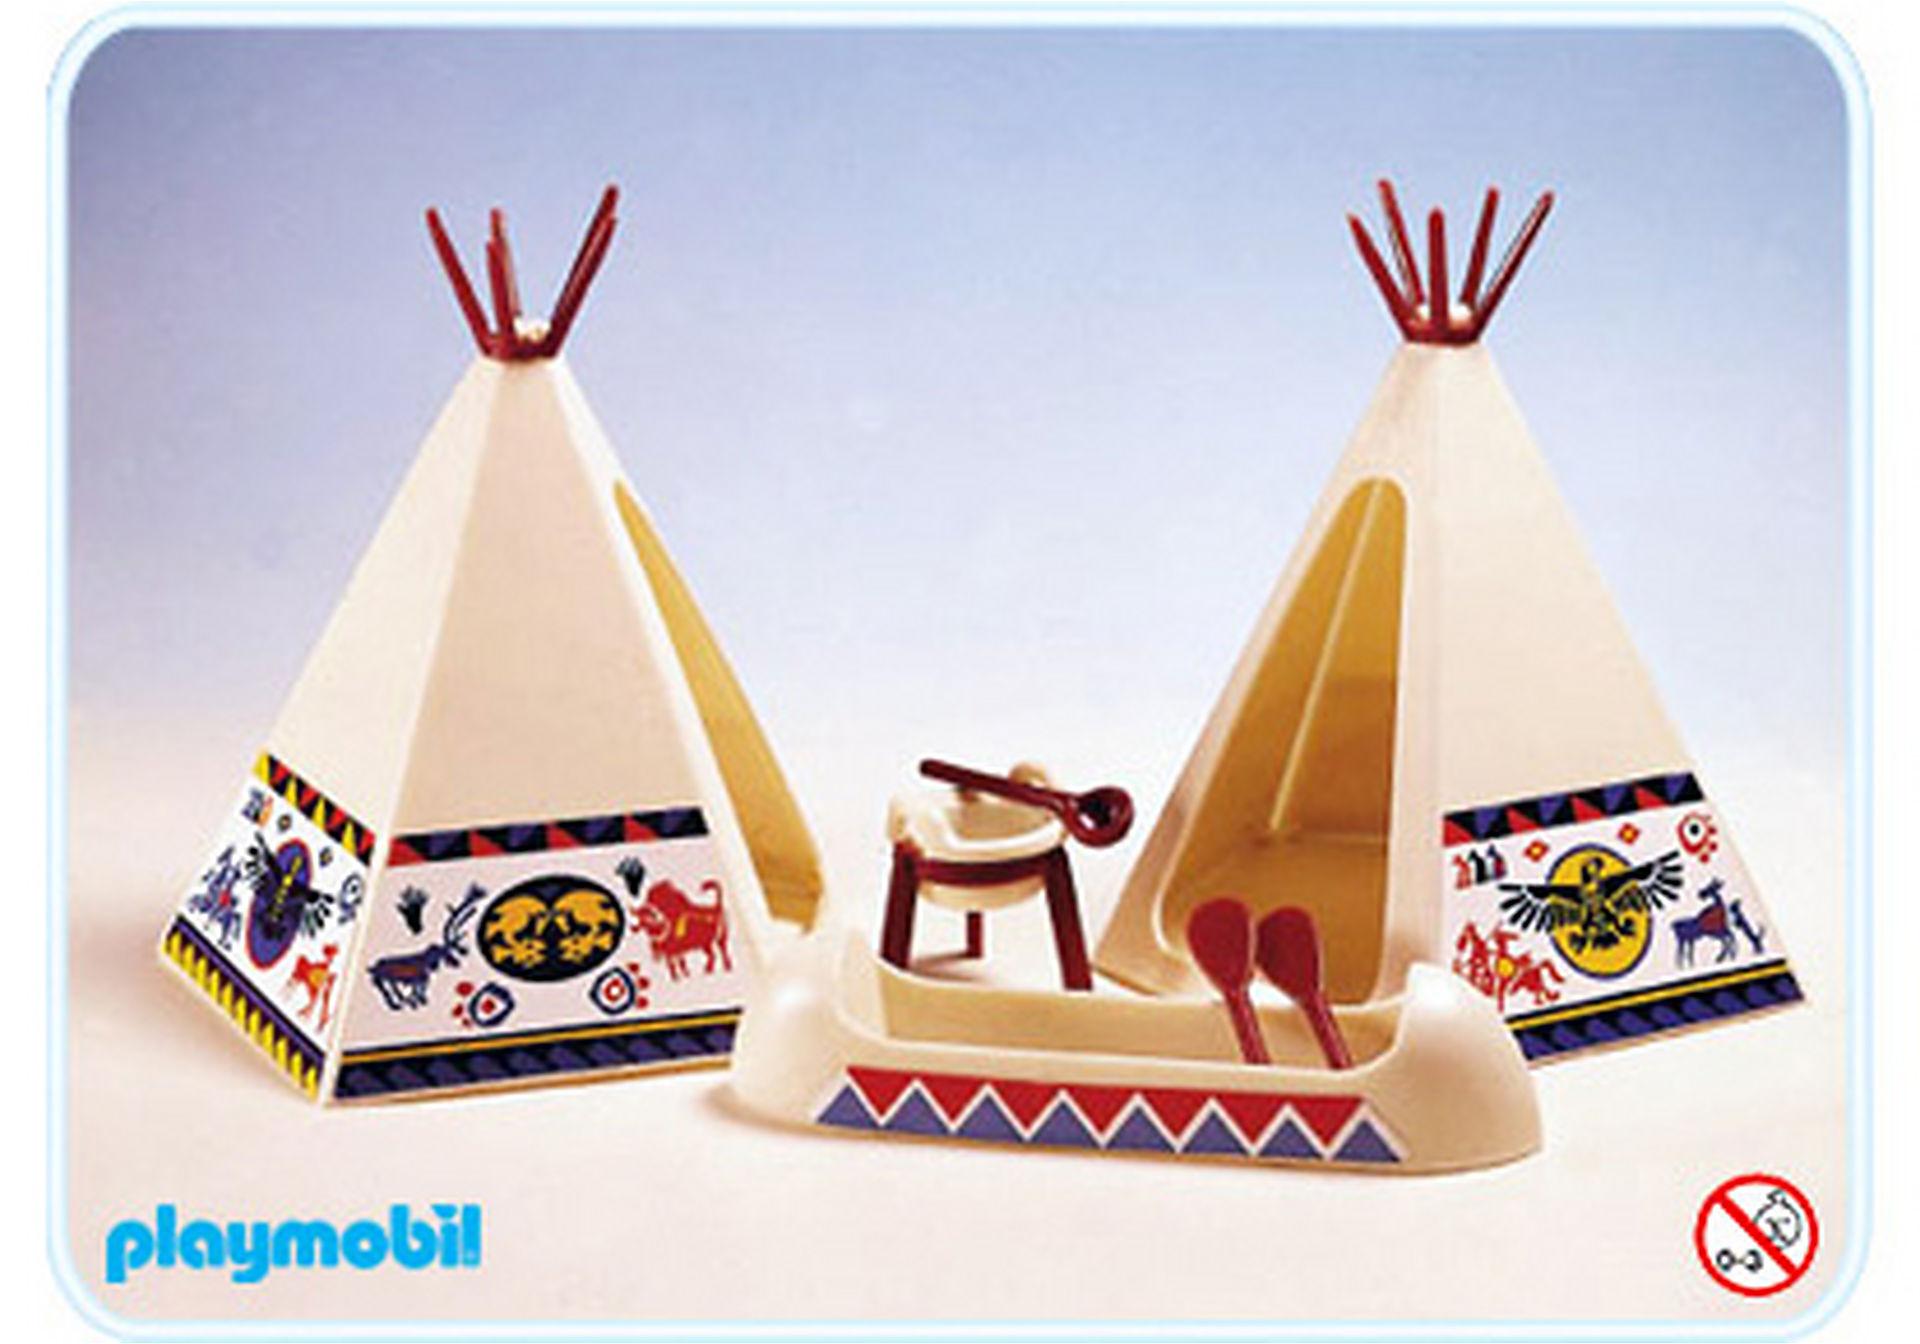 http://media.playmobil.com/i/playmobil/3252-B_product_detail/Zelt/Kanu/Kochstelle